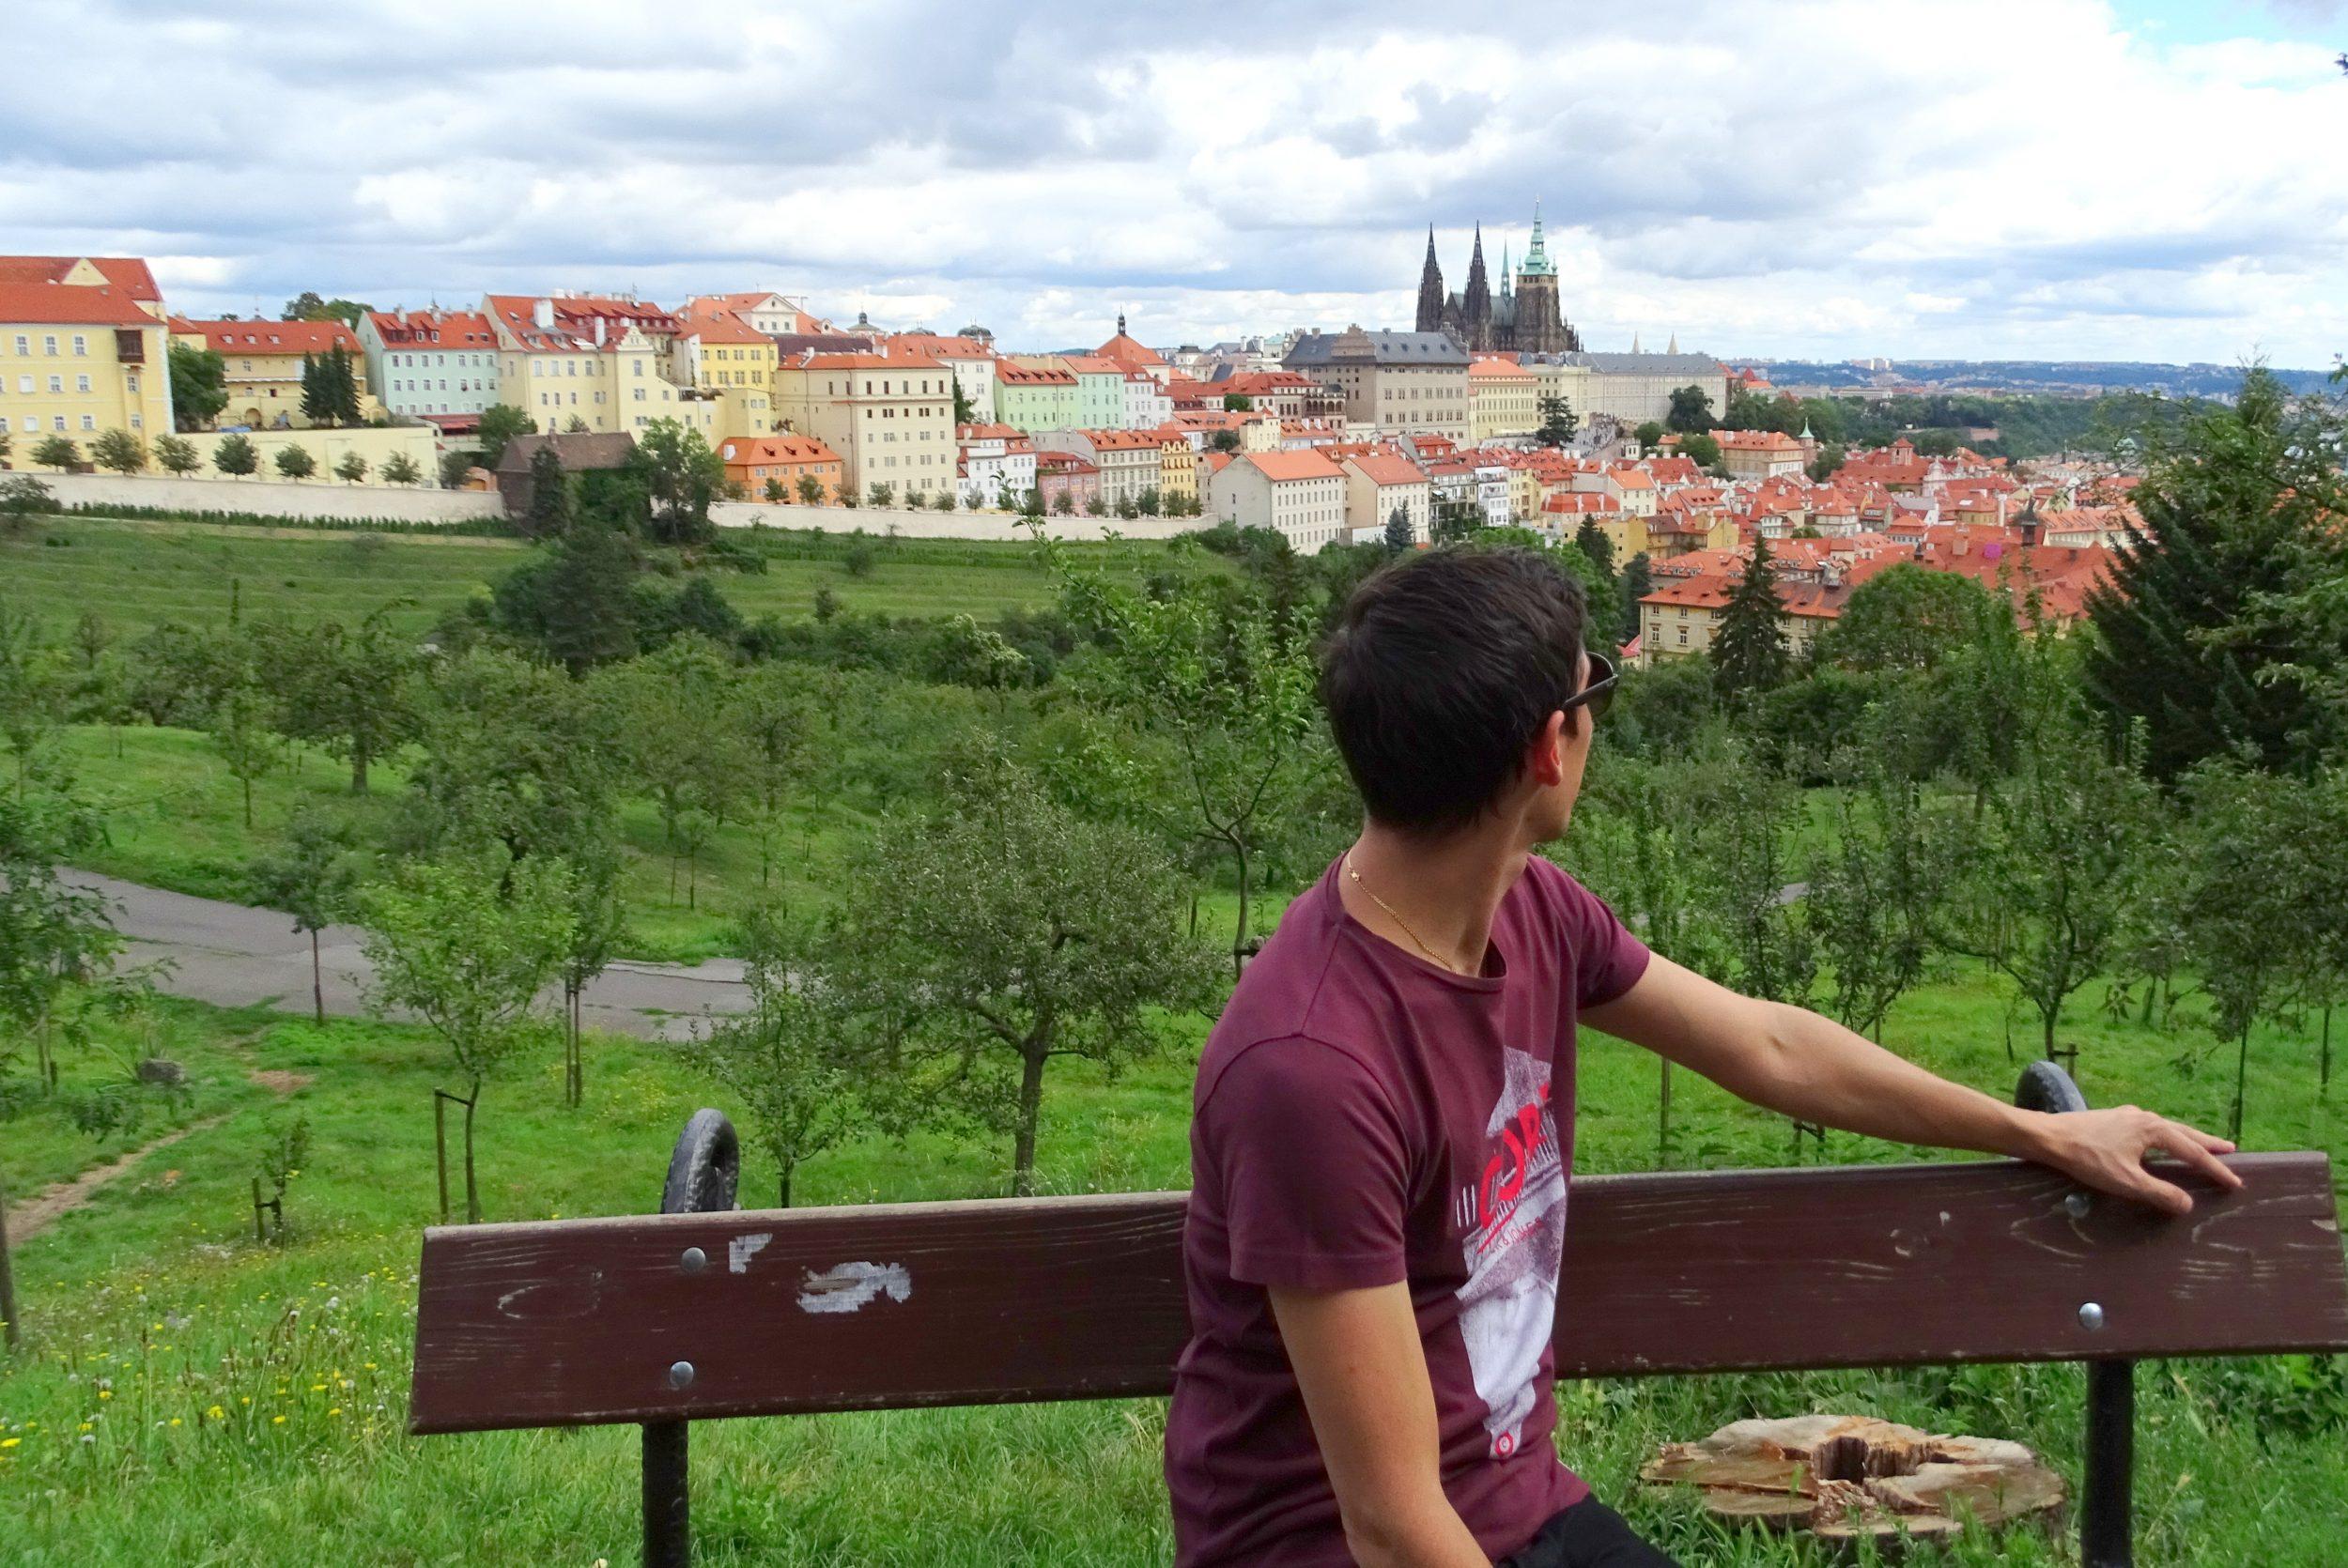 Wandeling nabij de Praagse burcht